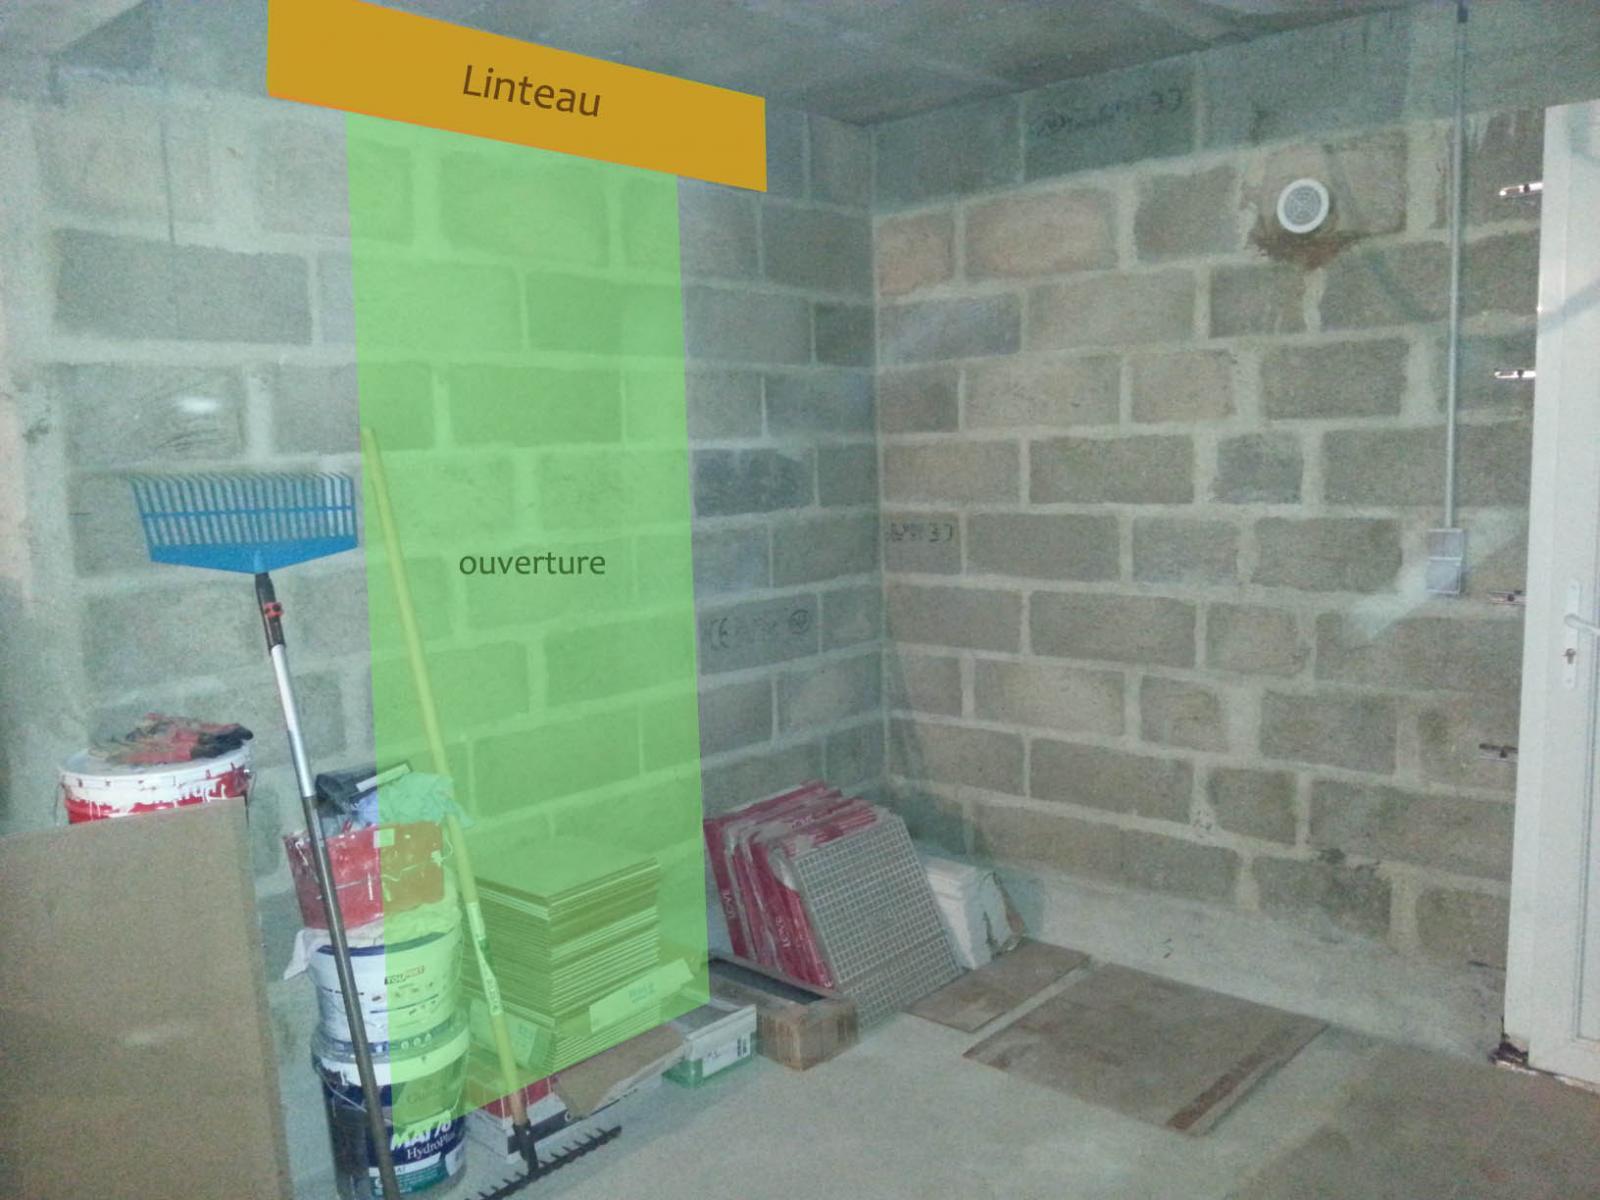 cr�ation d'une ouverture au sous-sol pour salle de jeux